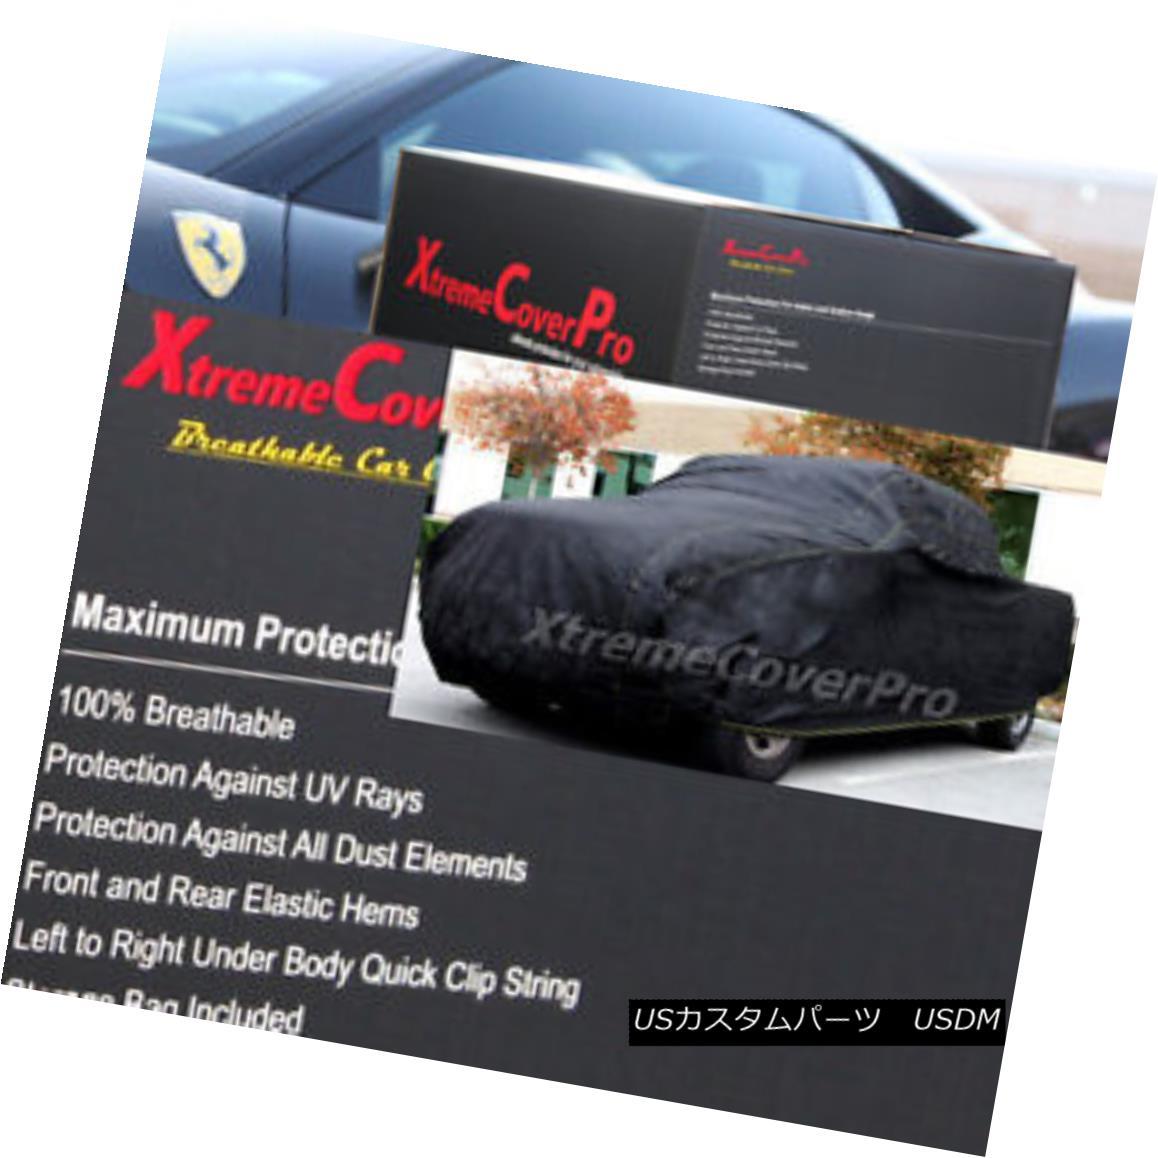 カーカバー 2013 Chevy Silverado 1500 Ext Cab 8ft Long Box Breathable Car Cover 2013年シボレーシルバラード1500エクステンションキャブ8ftロングボックス通気性車カバー